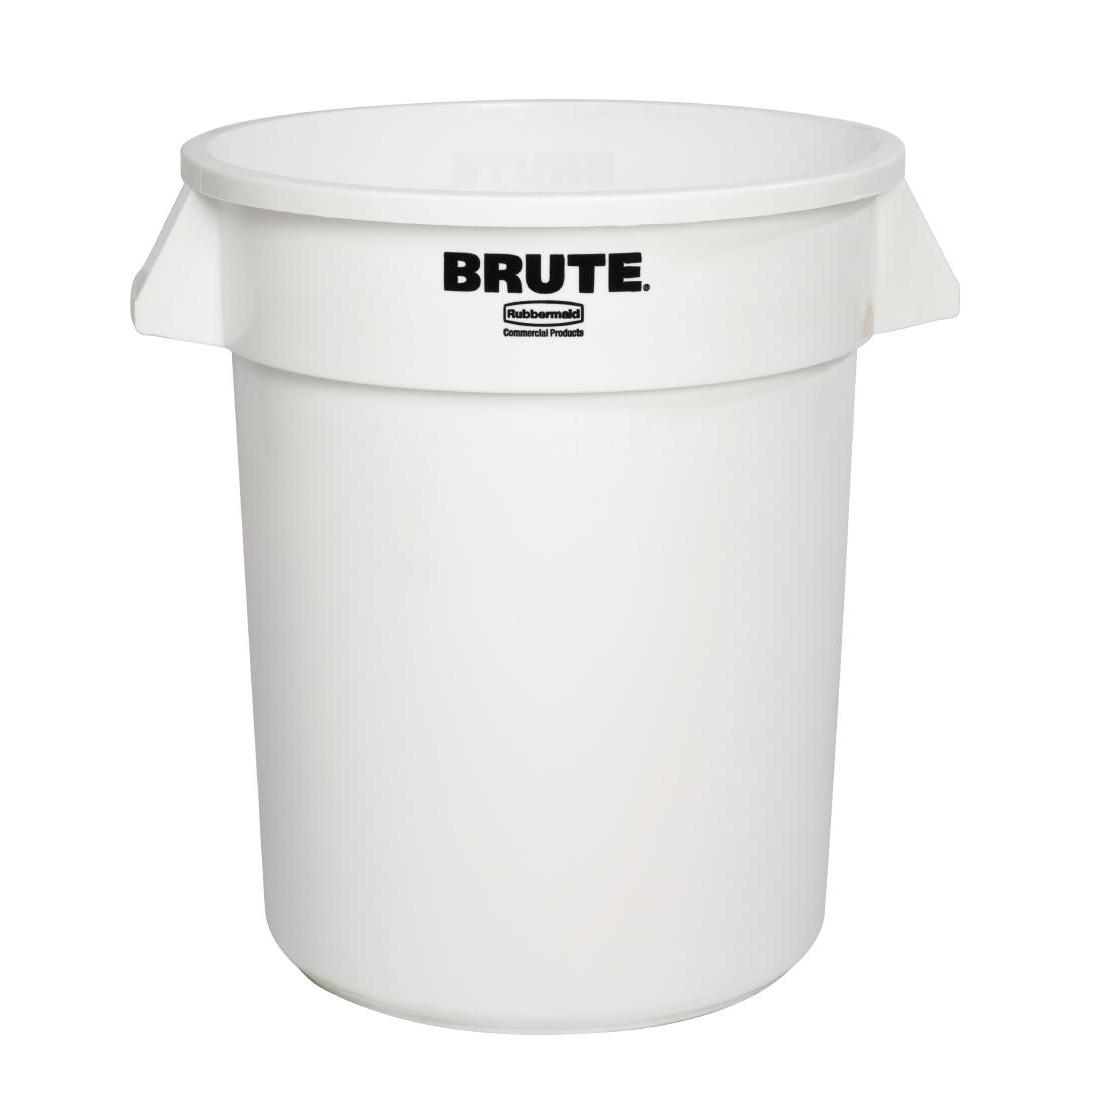 Collecteur Rubbermaid Brute blanc 37,9L